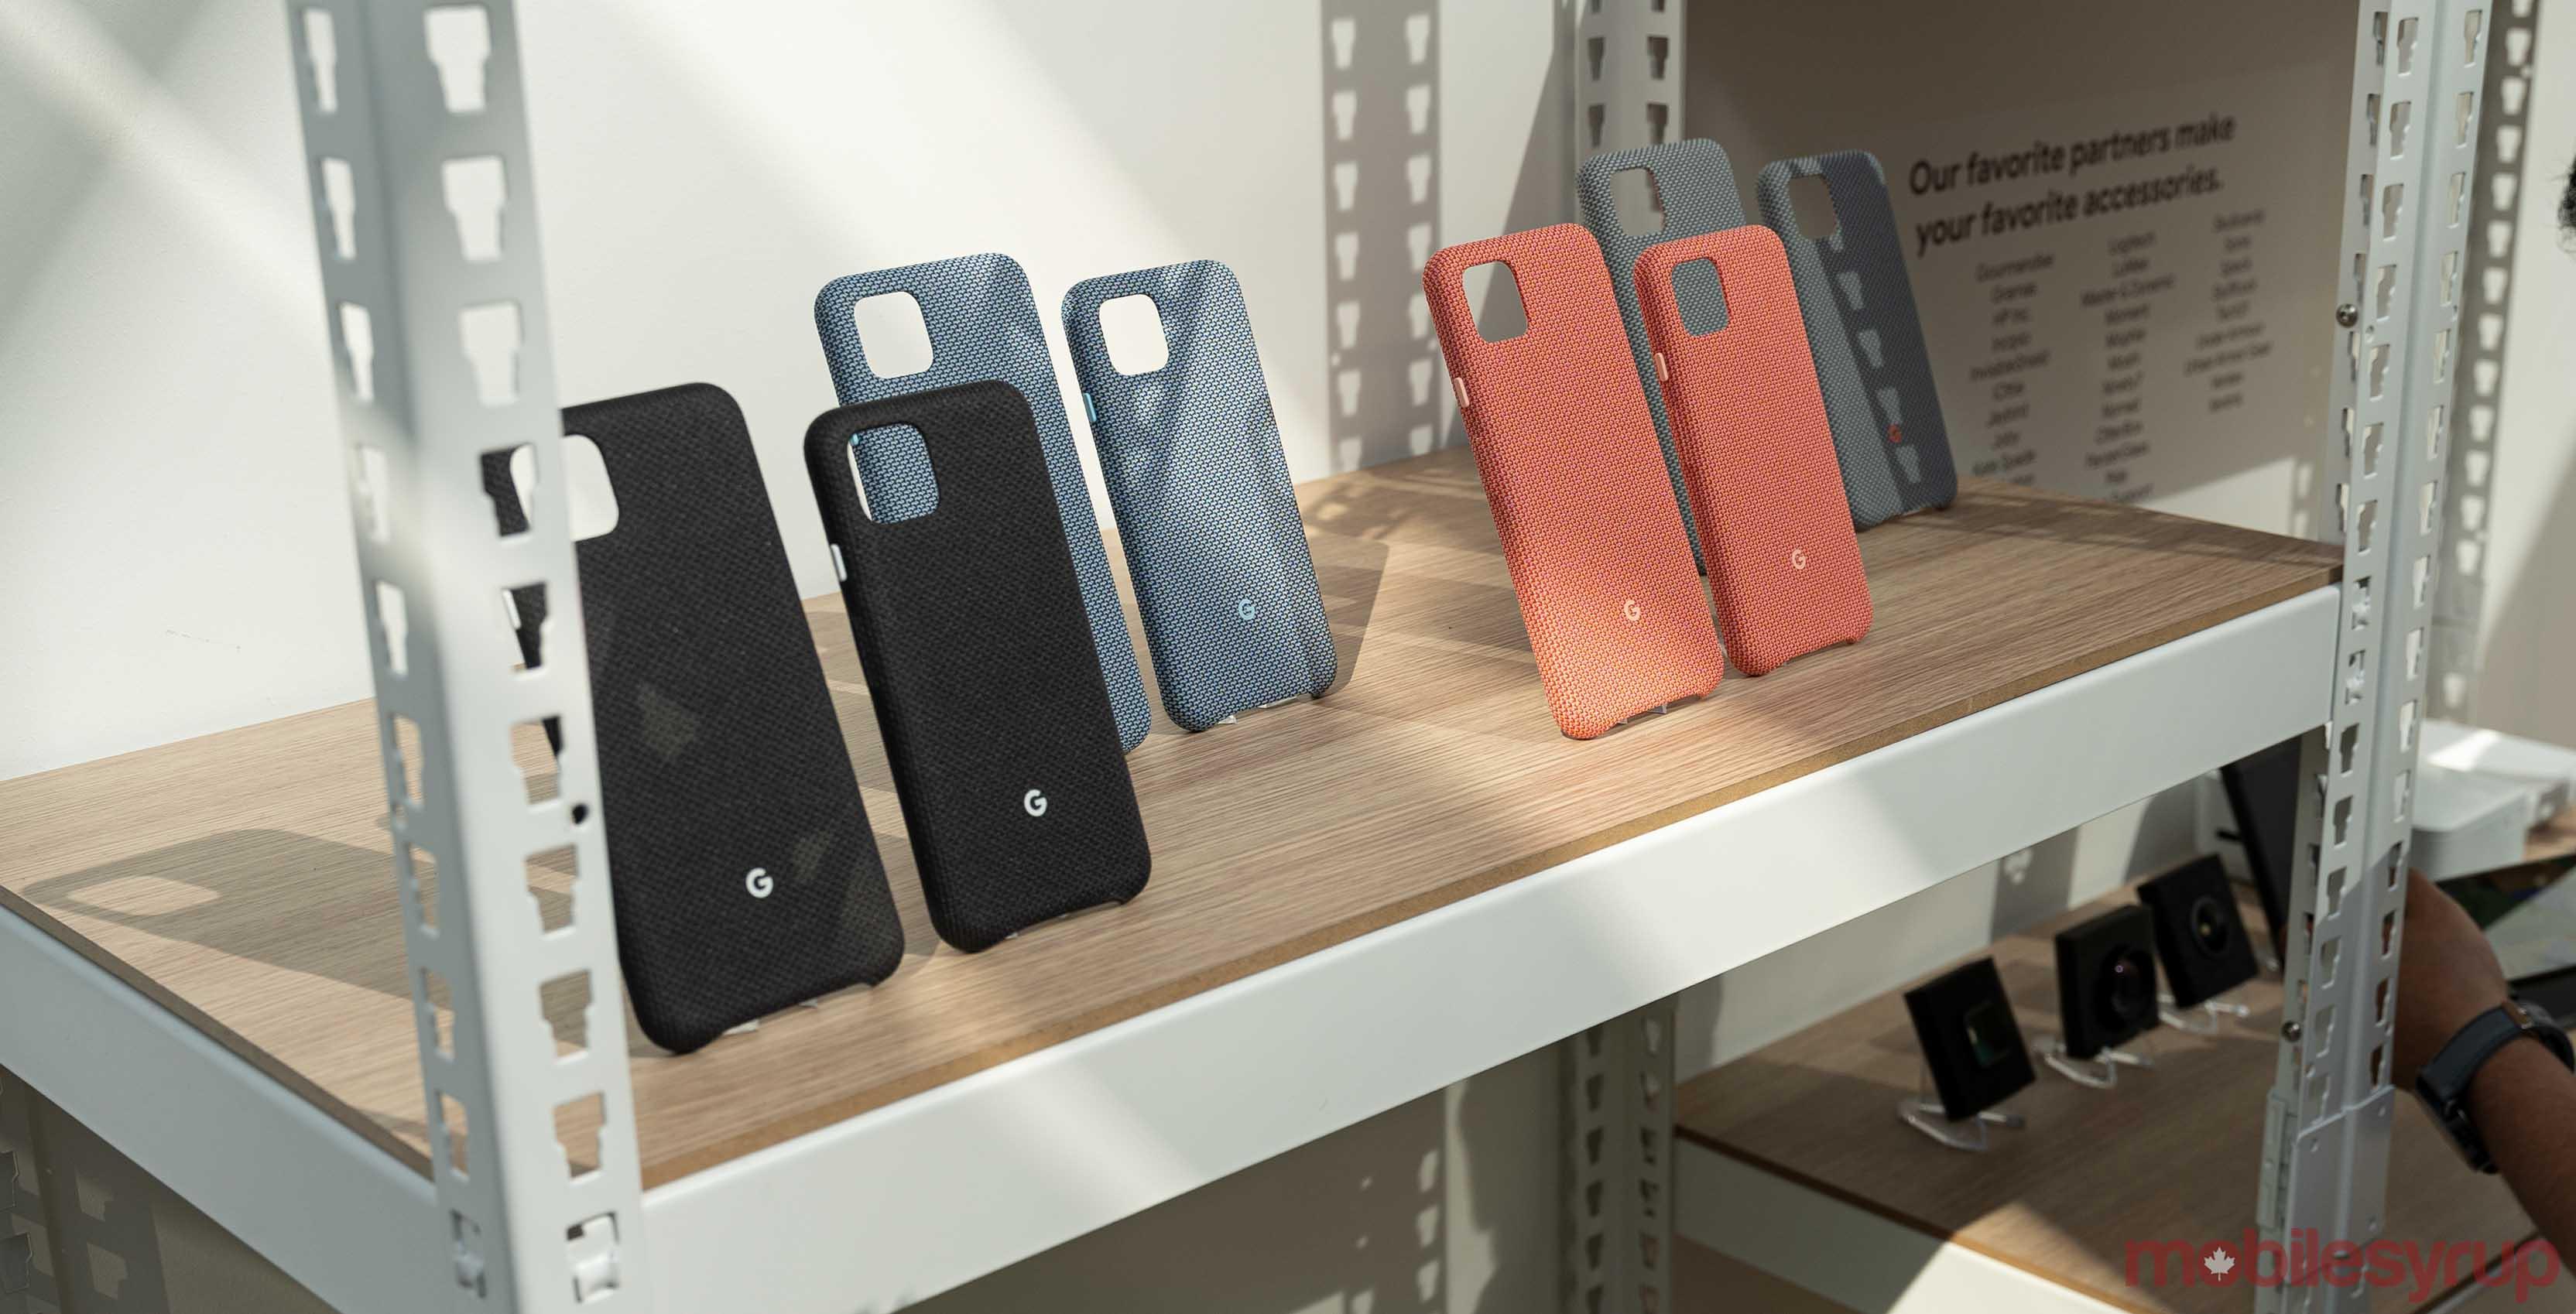 Pixel 4 fabric cases